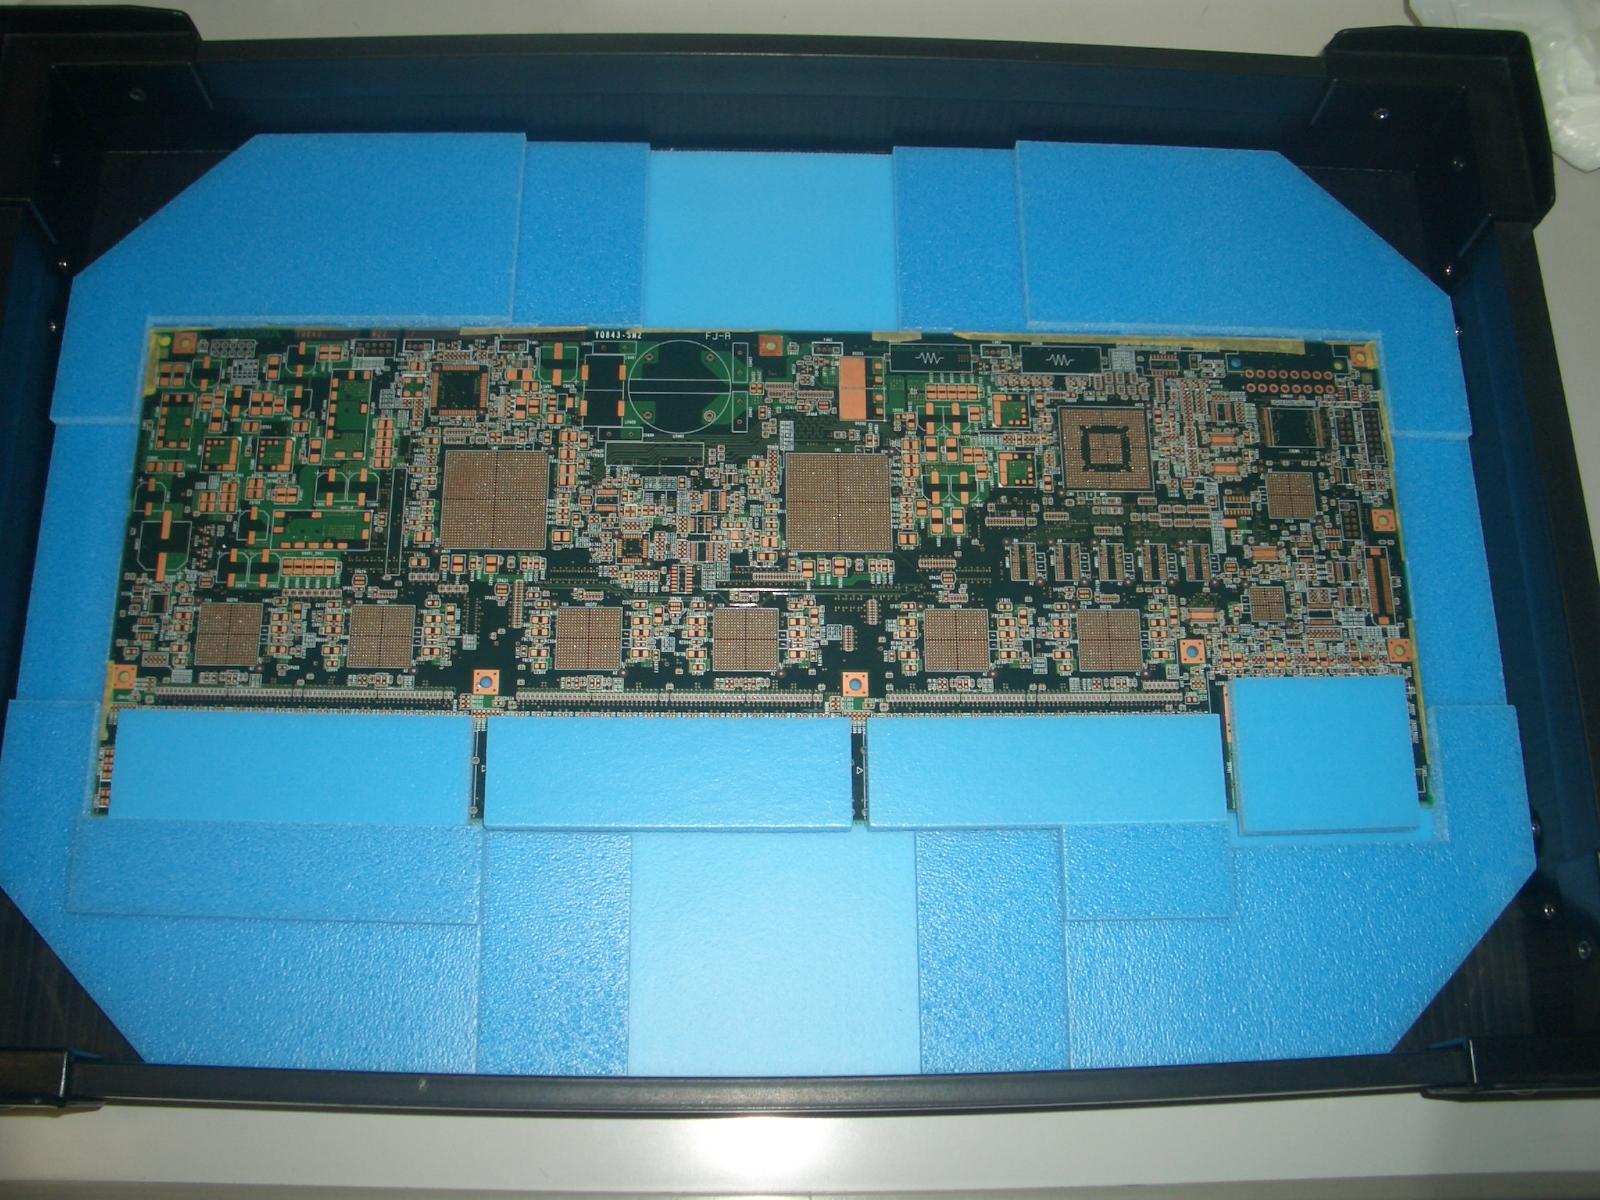 「基板工程内通いトレー」の画像